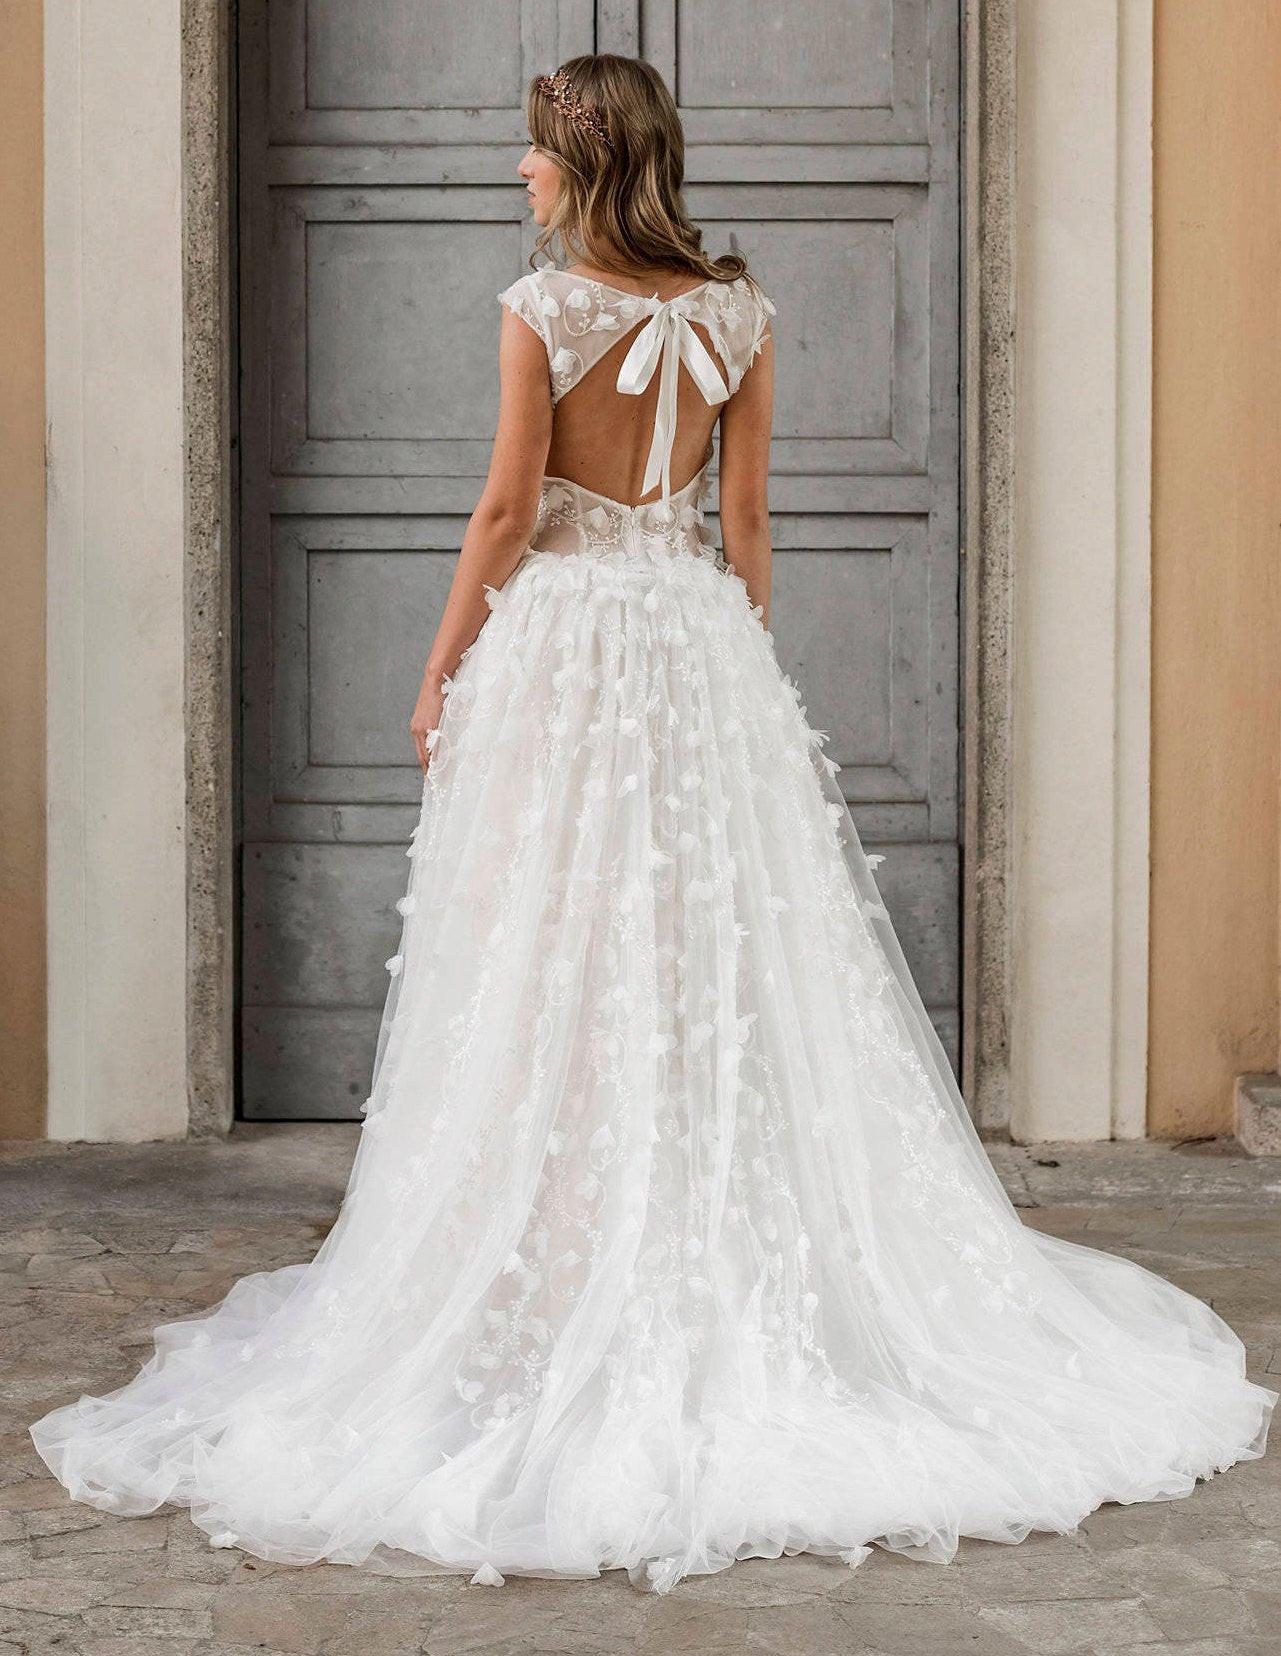 Hochzeitskleid Tüll  3D Spitze Brautkleid rückenfreie Hochzeitskleid Tüll